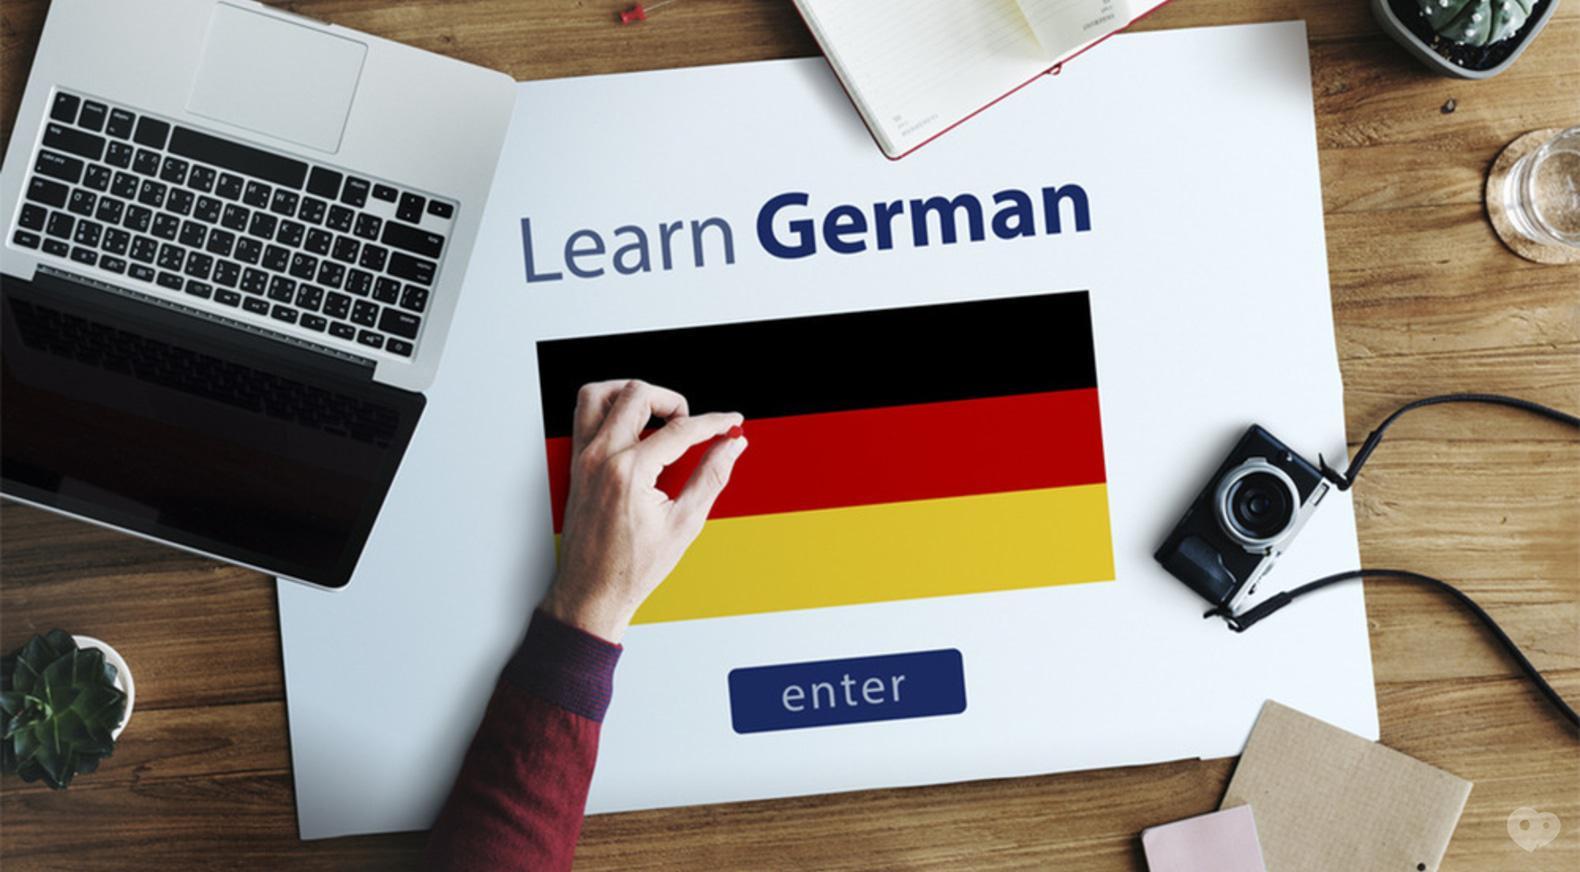 Второй иностранный язык для профессионального общения